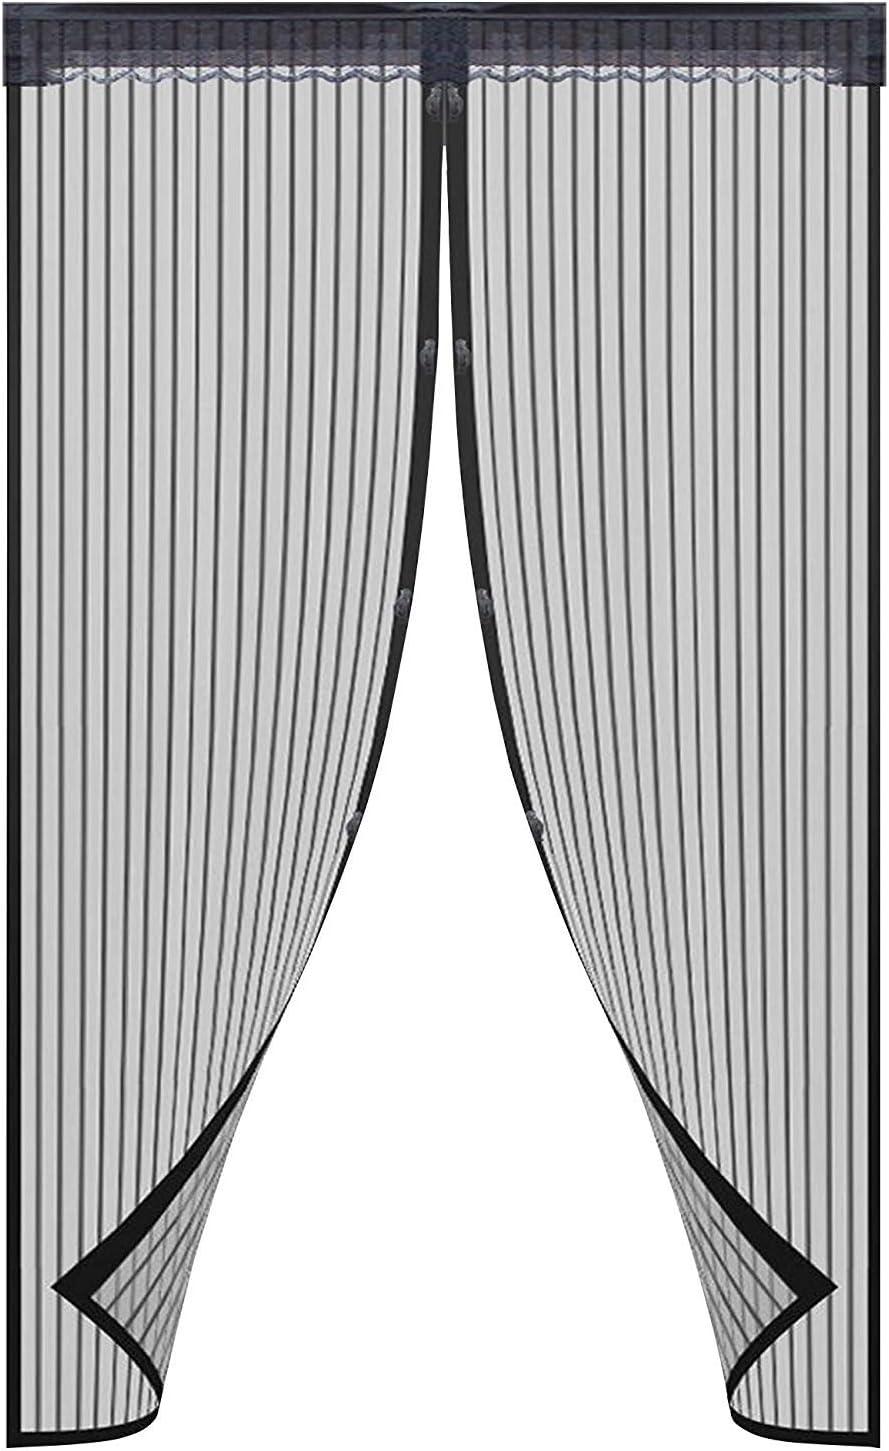 Noir Rideau Magn/étique pour portes Facile /à Installer Sans Percer,Pour Porte Patio Couloirs Emp/êche de Passer les Moustiques et Autres Bestioles 90 * 210cm SeeKool Moustiquaire porte Magn/étique